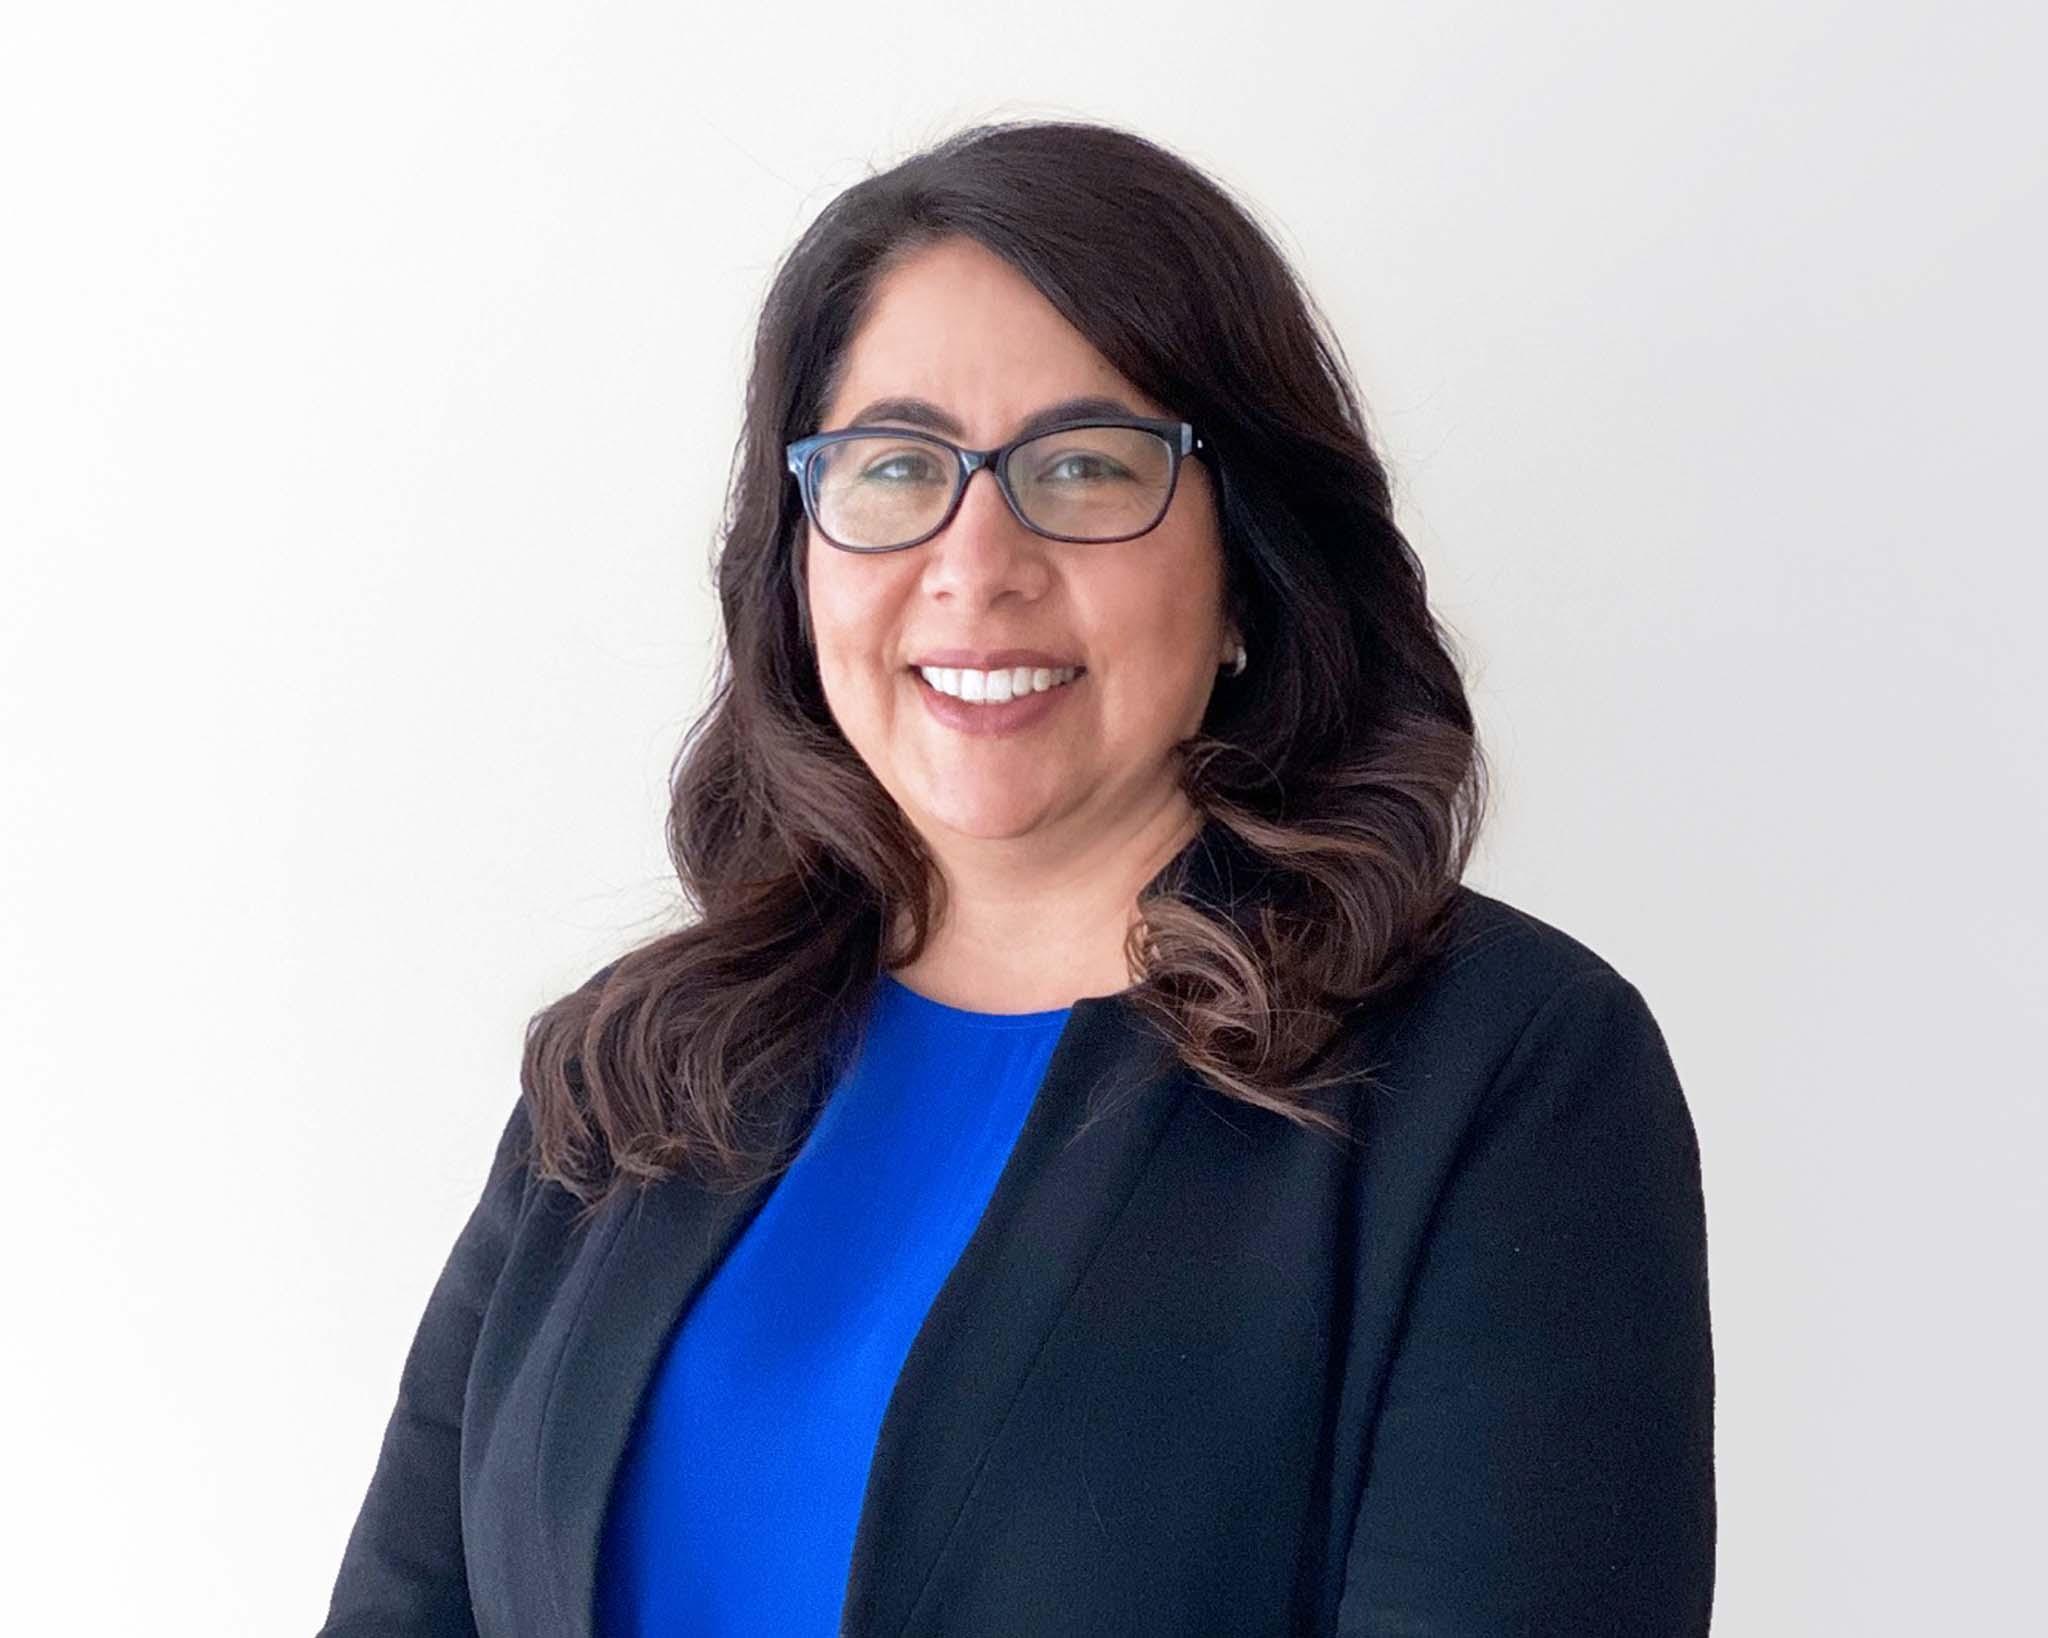 Ann Marie Estrada